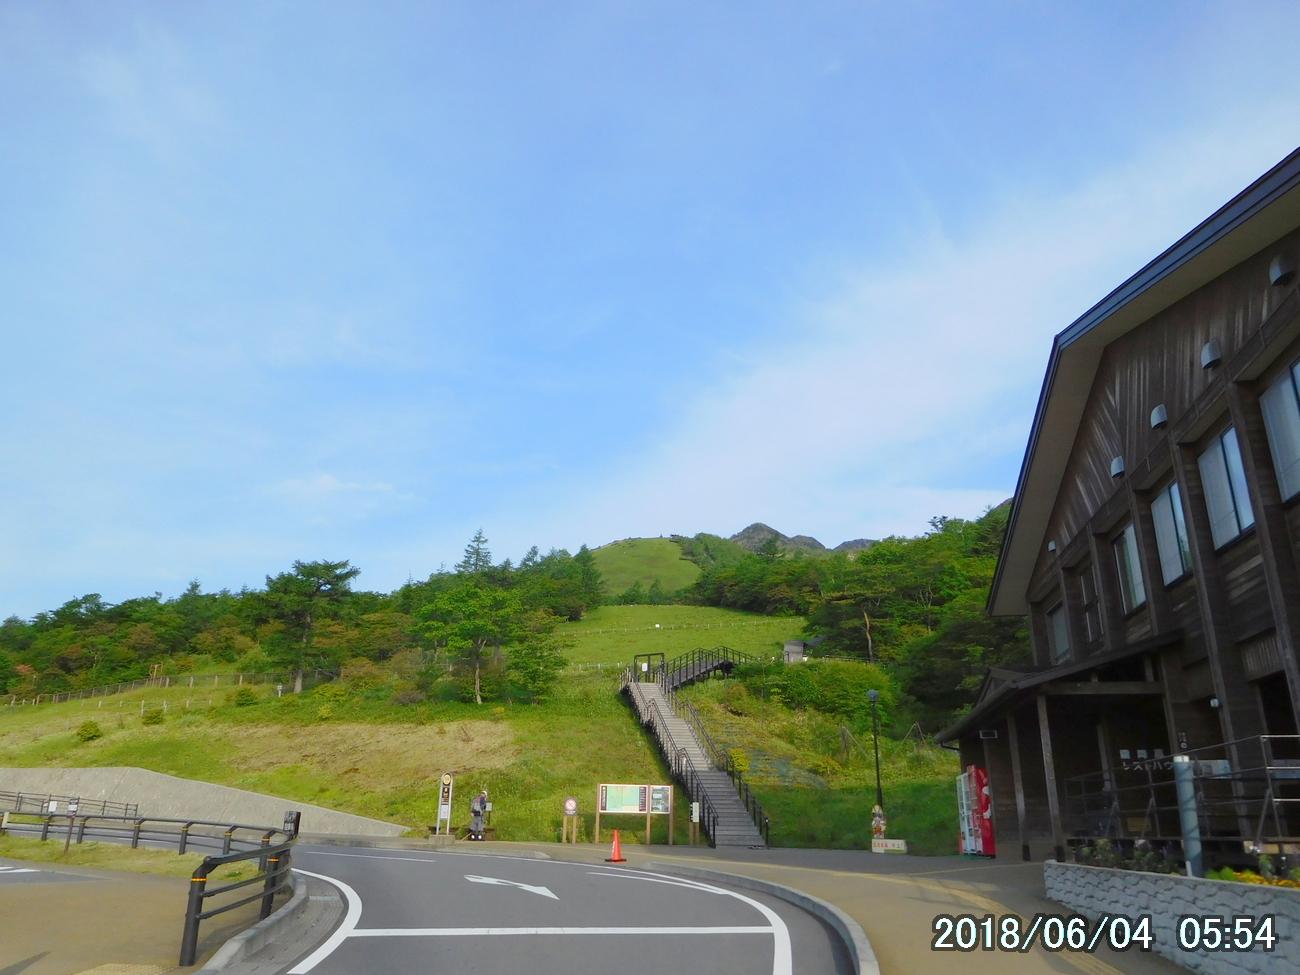 今年3度目の女峰山は花と絶景を堪能。過去最短のワケは筋トレ効果か?